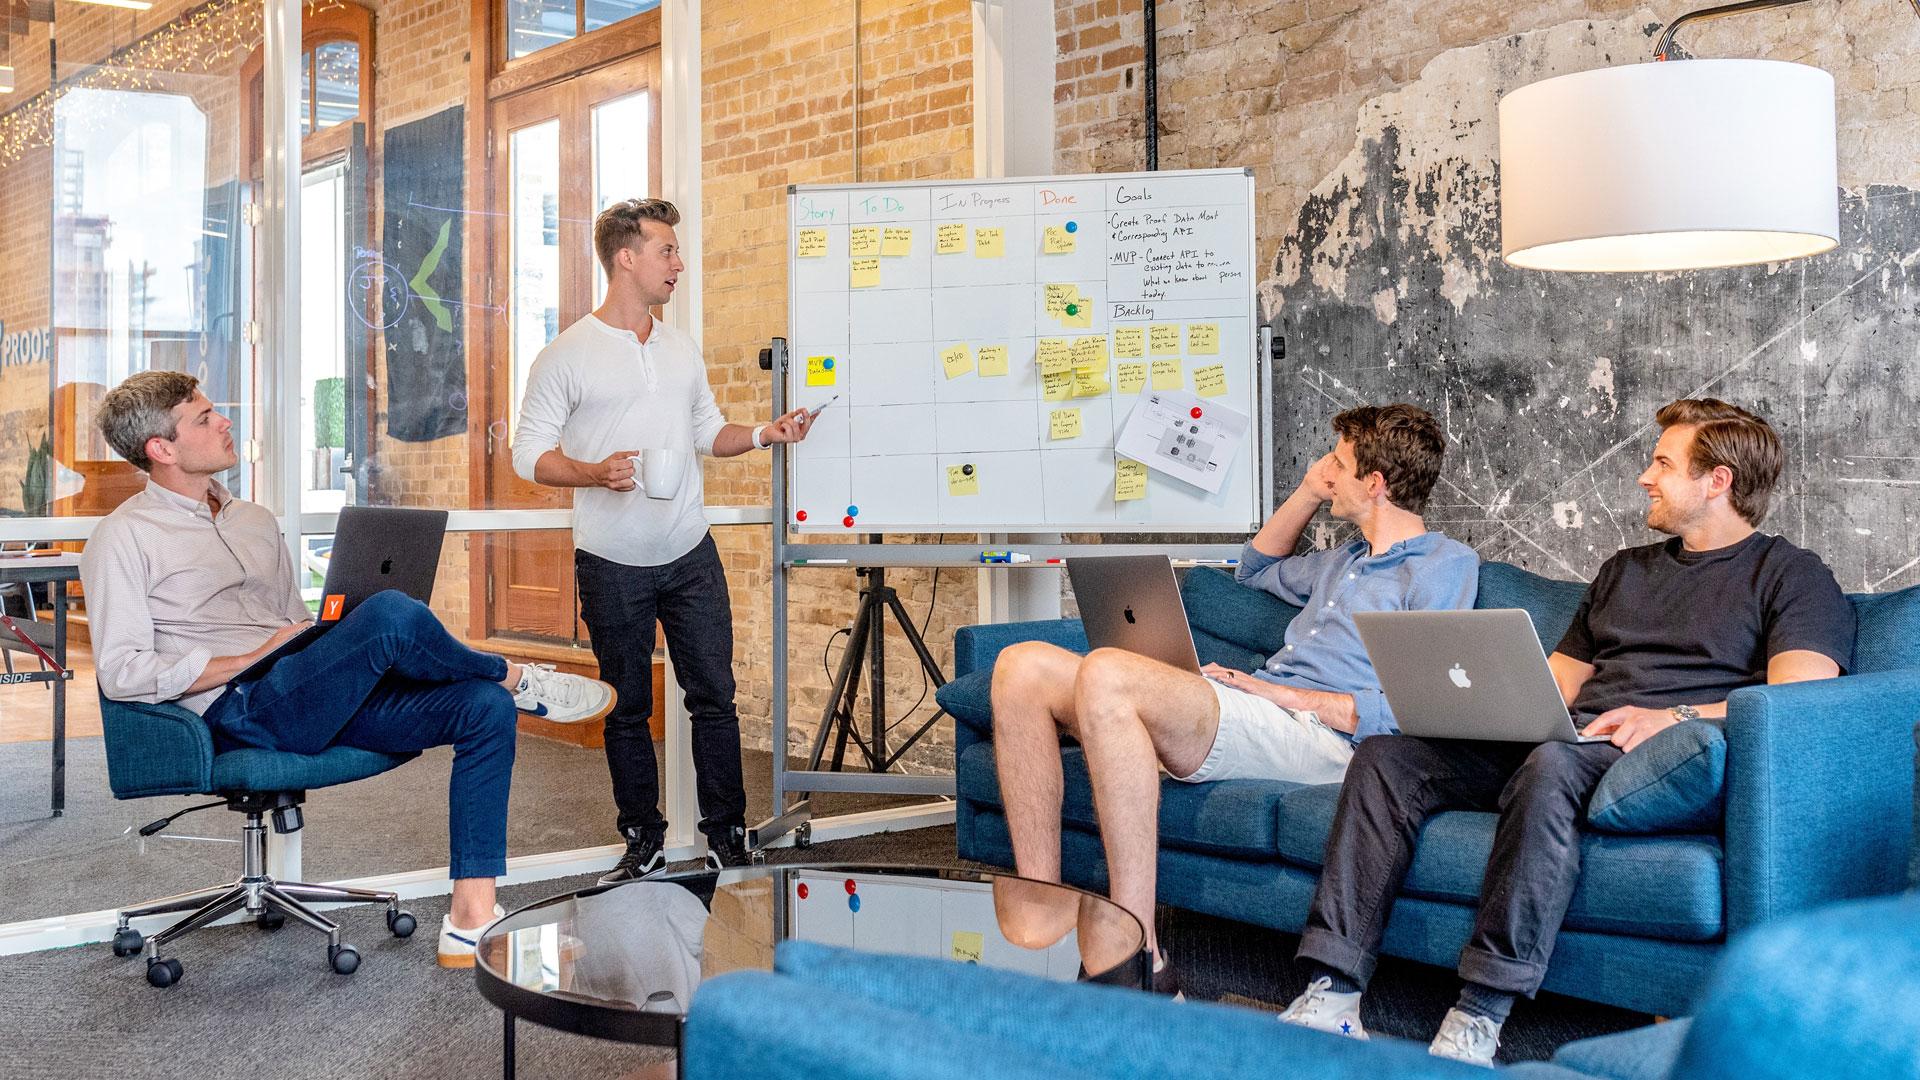 Virtuelle Konferenz umsetzen und planen